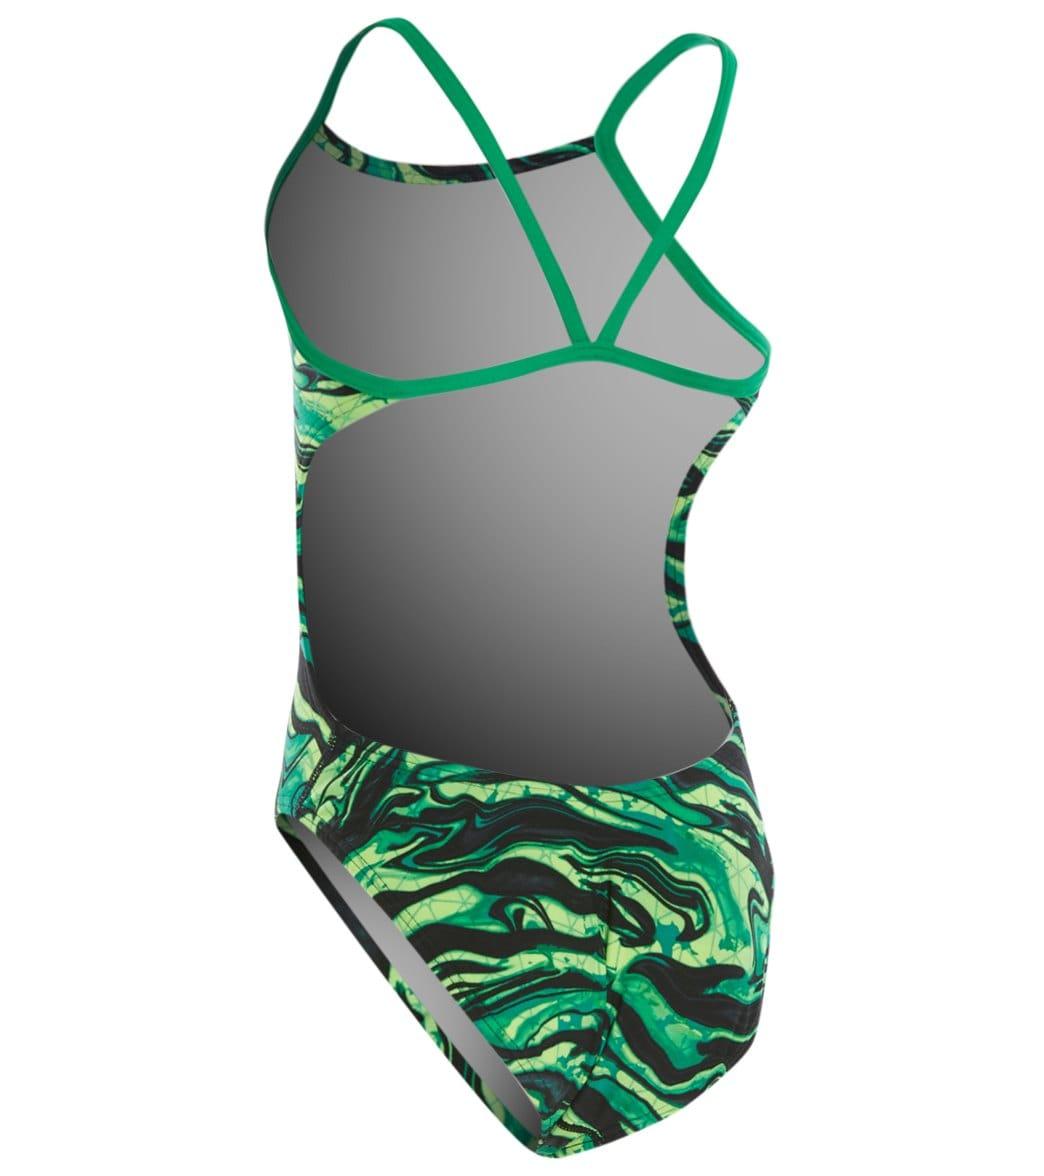 6b3ec878b5 TYR Girls' Miramar Cutoutfit One Piece Swimsuit at SwimOutlet.com ...